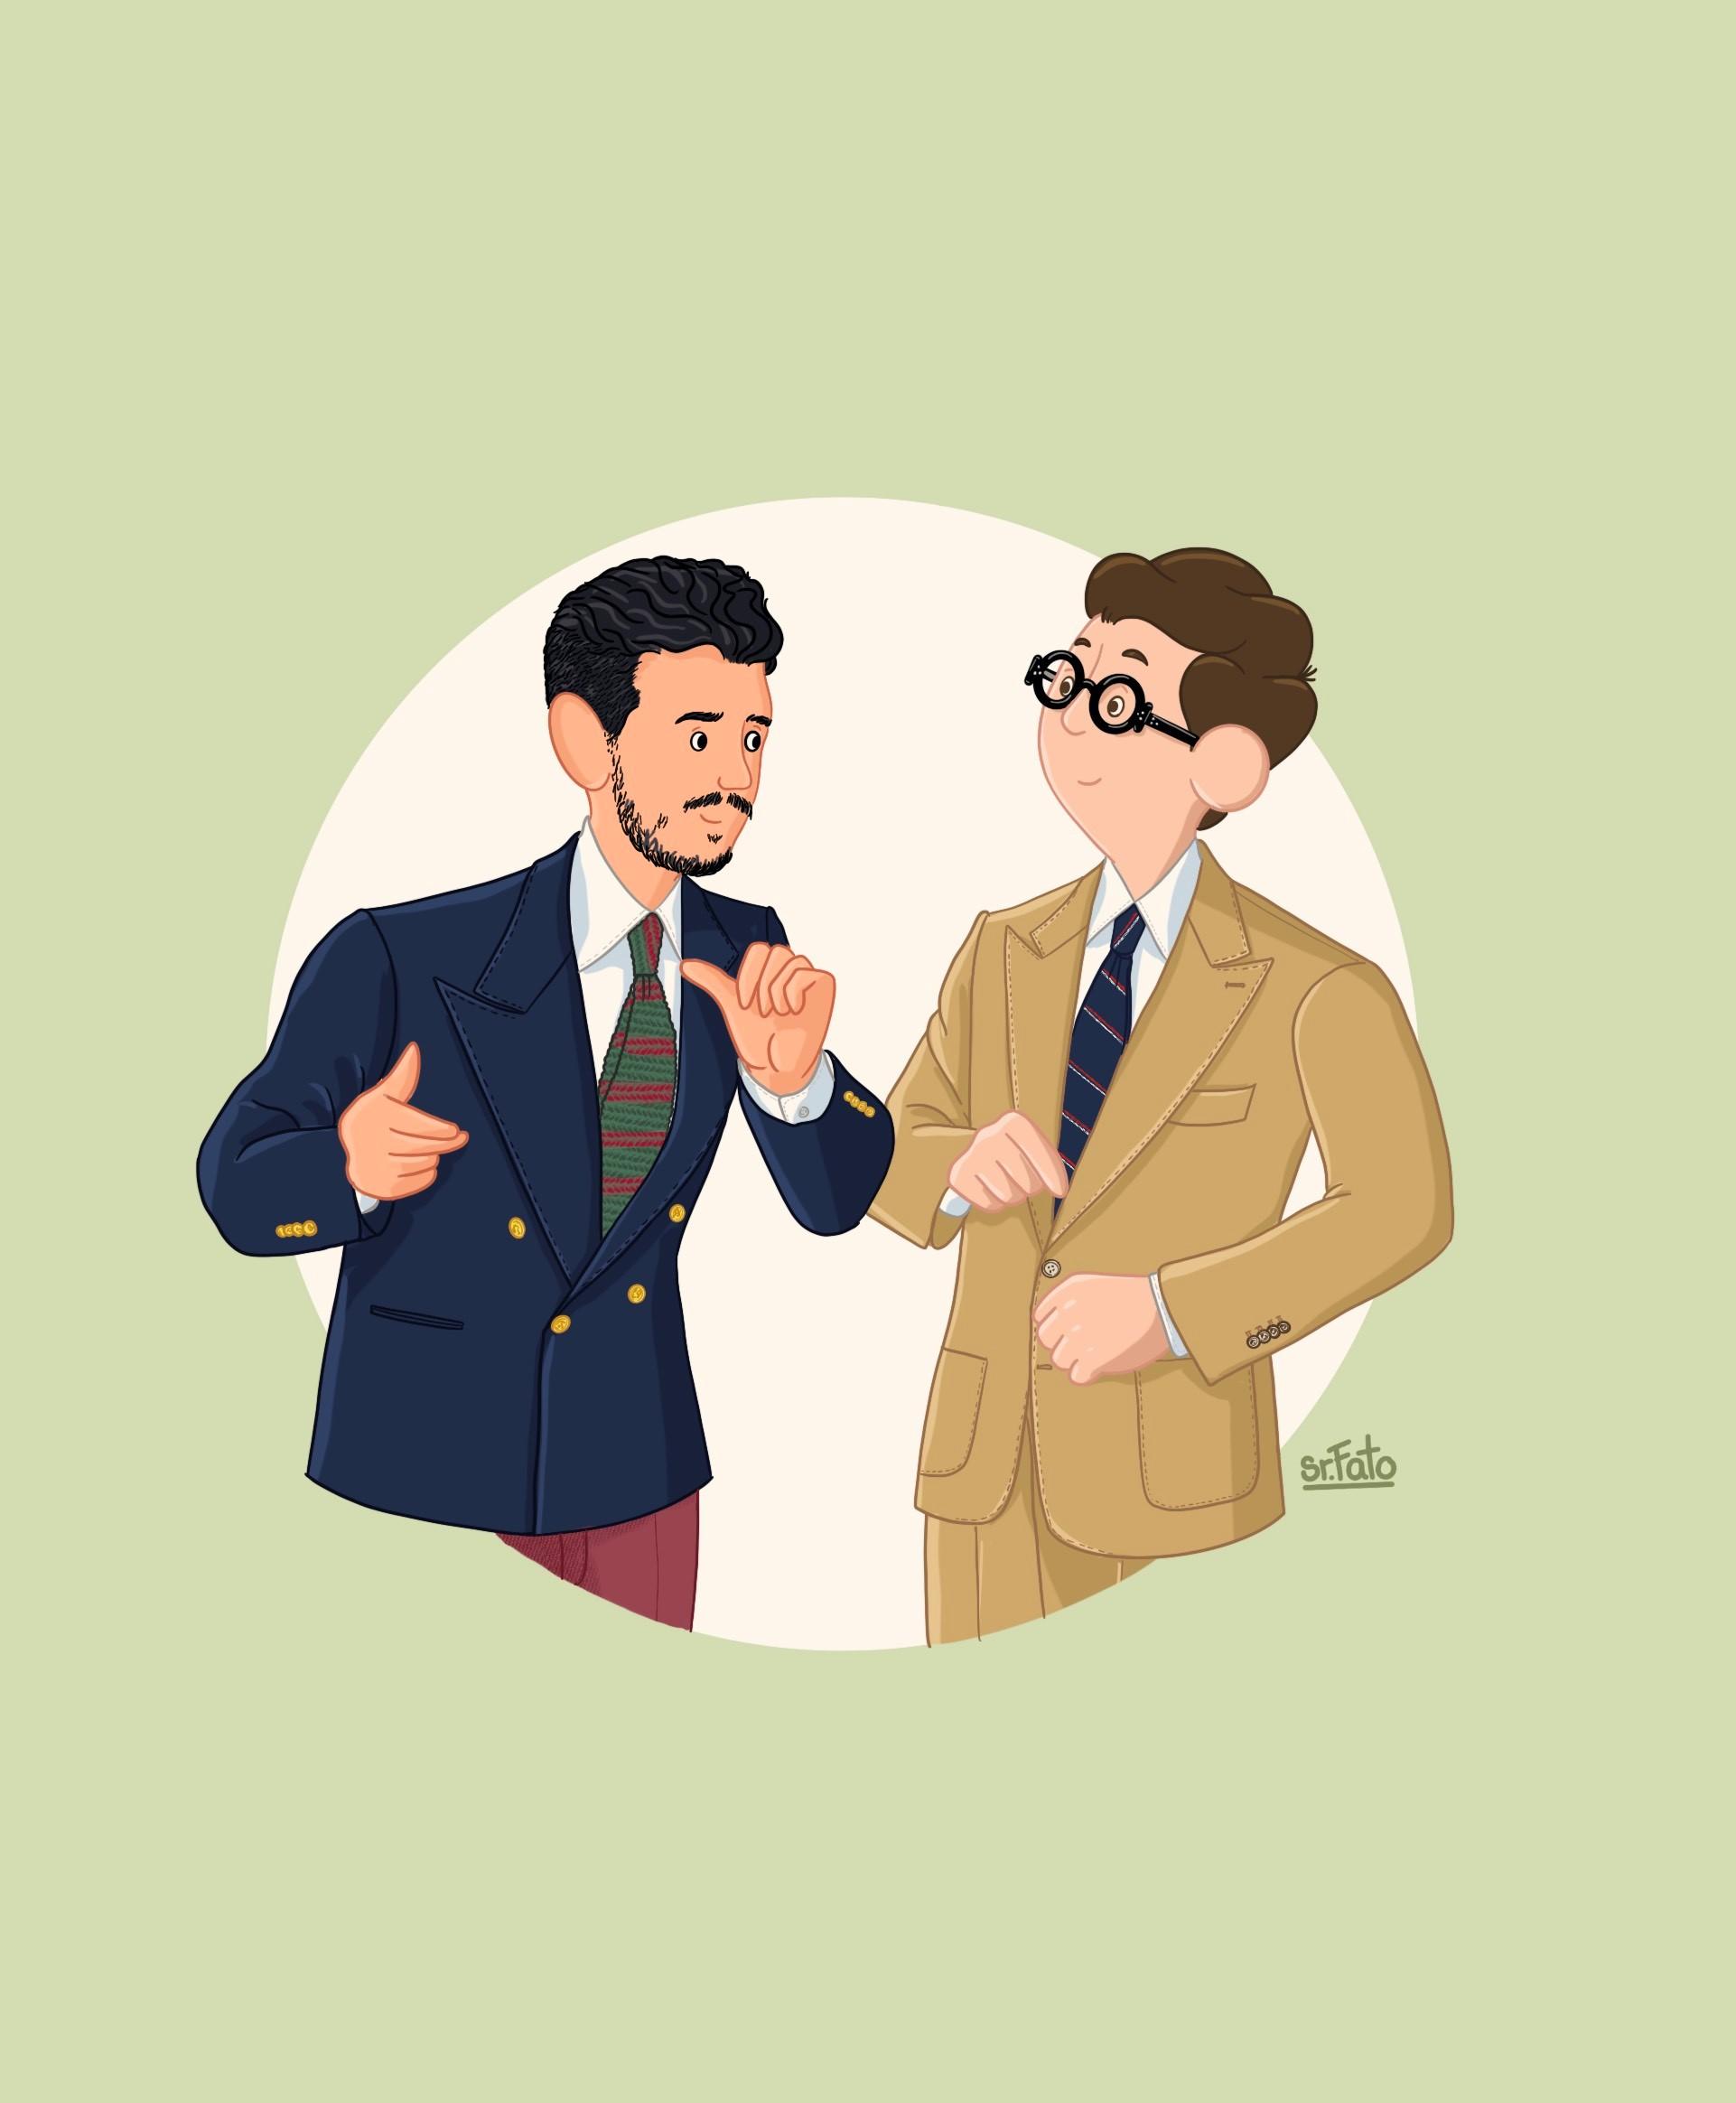 Sr. Fato, conversar como um gentleman